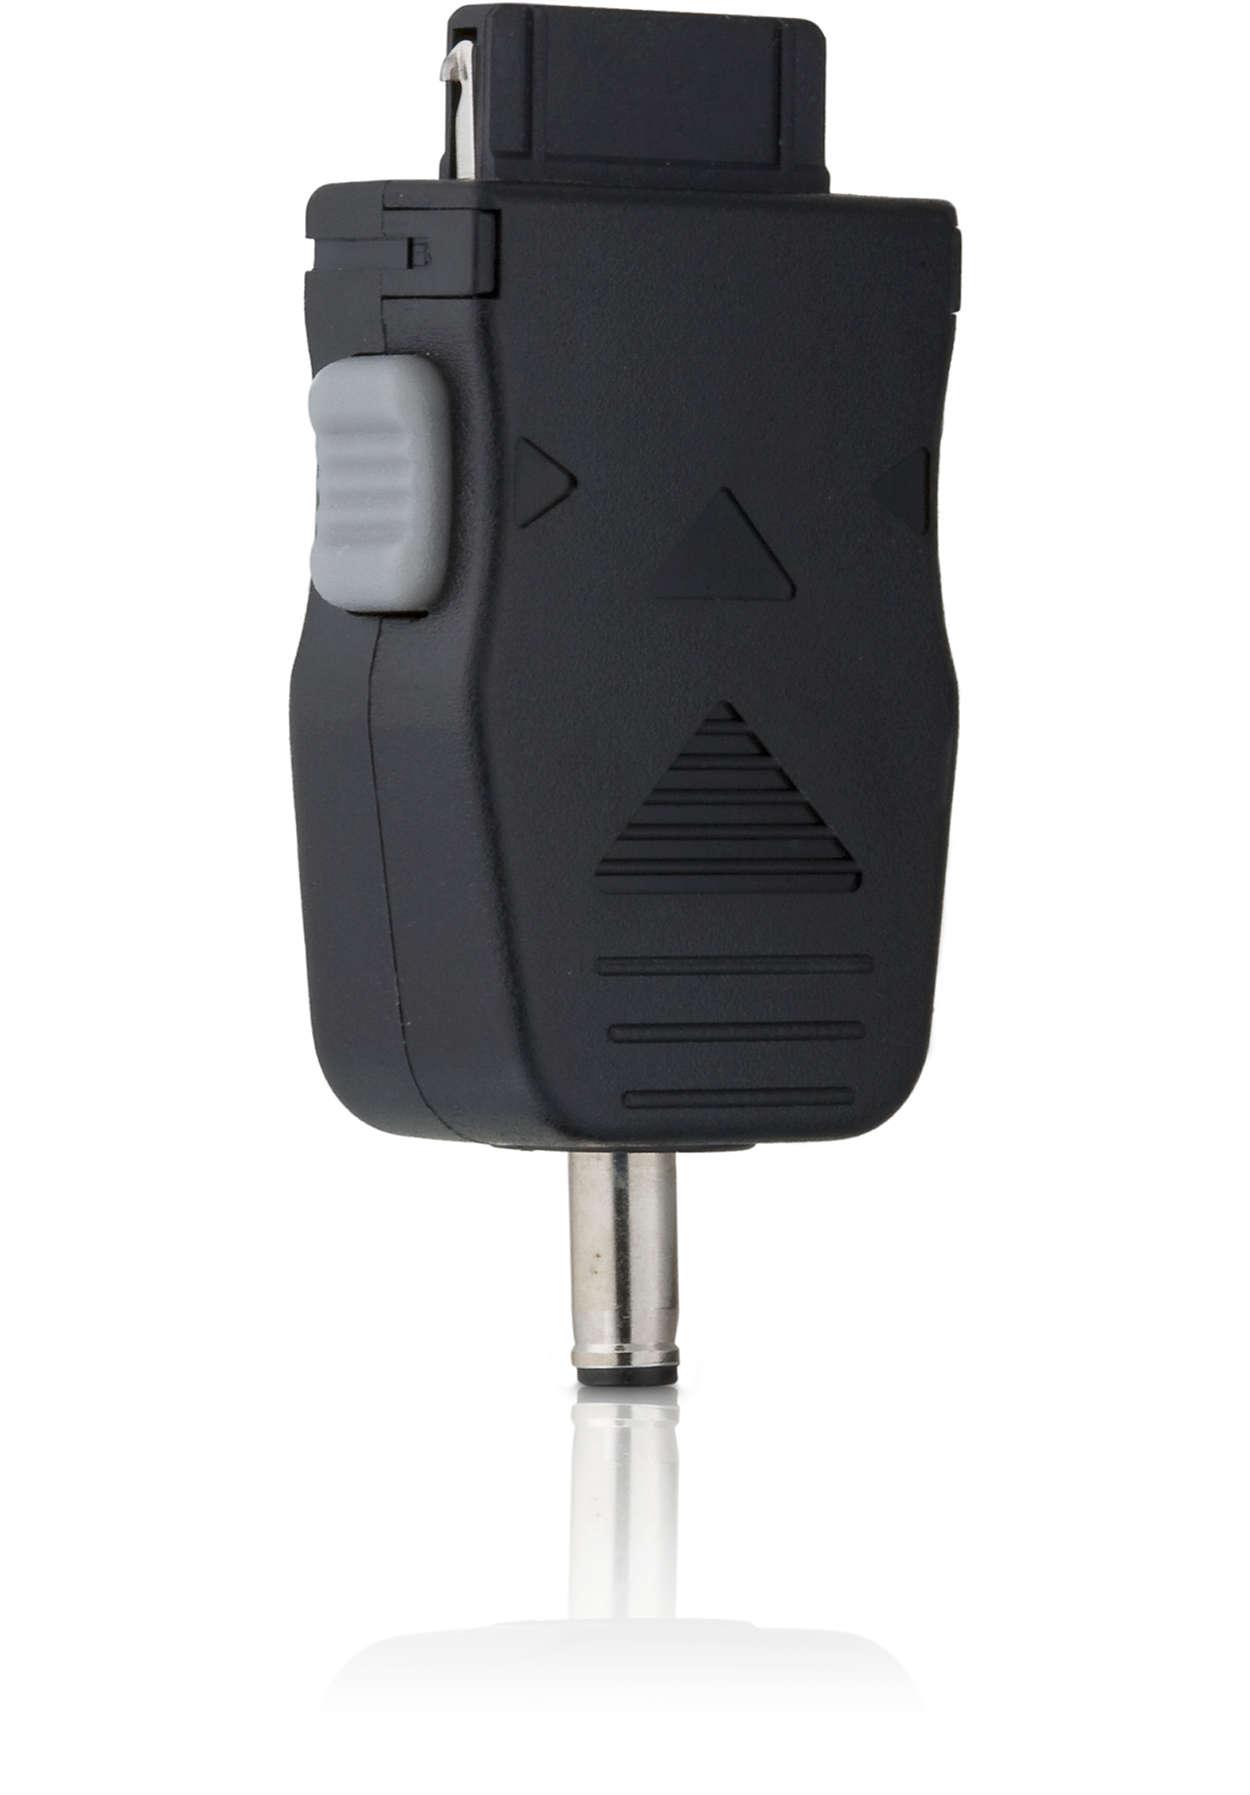 Connecteur pour téléphones LG